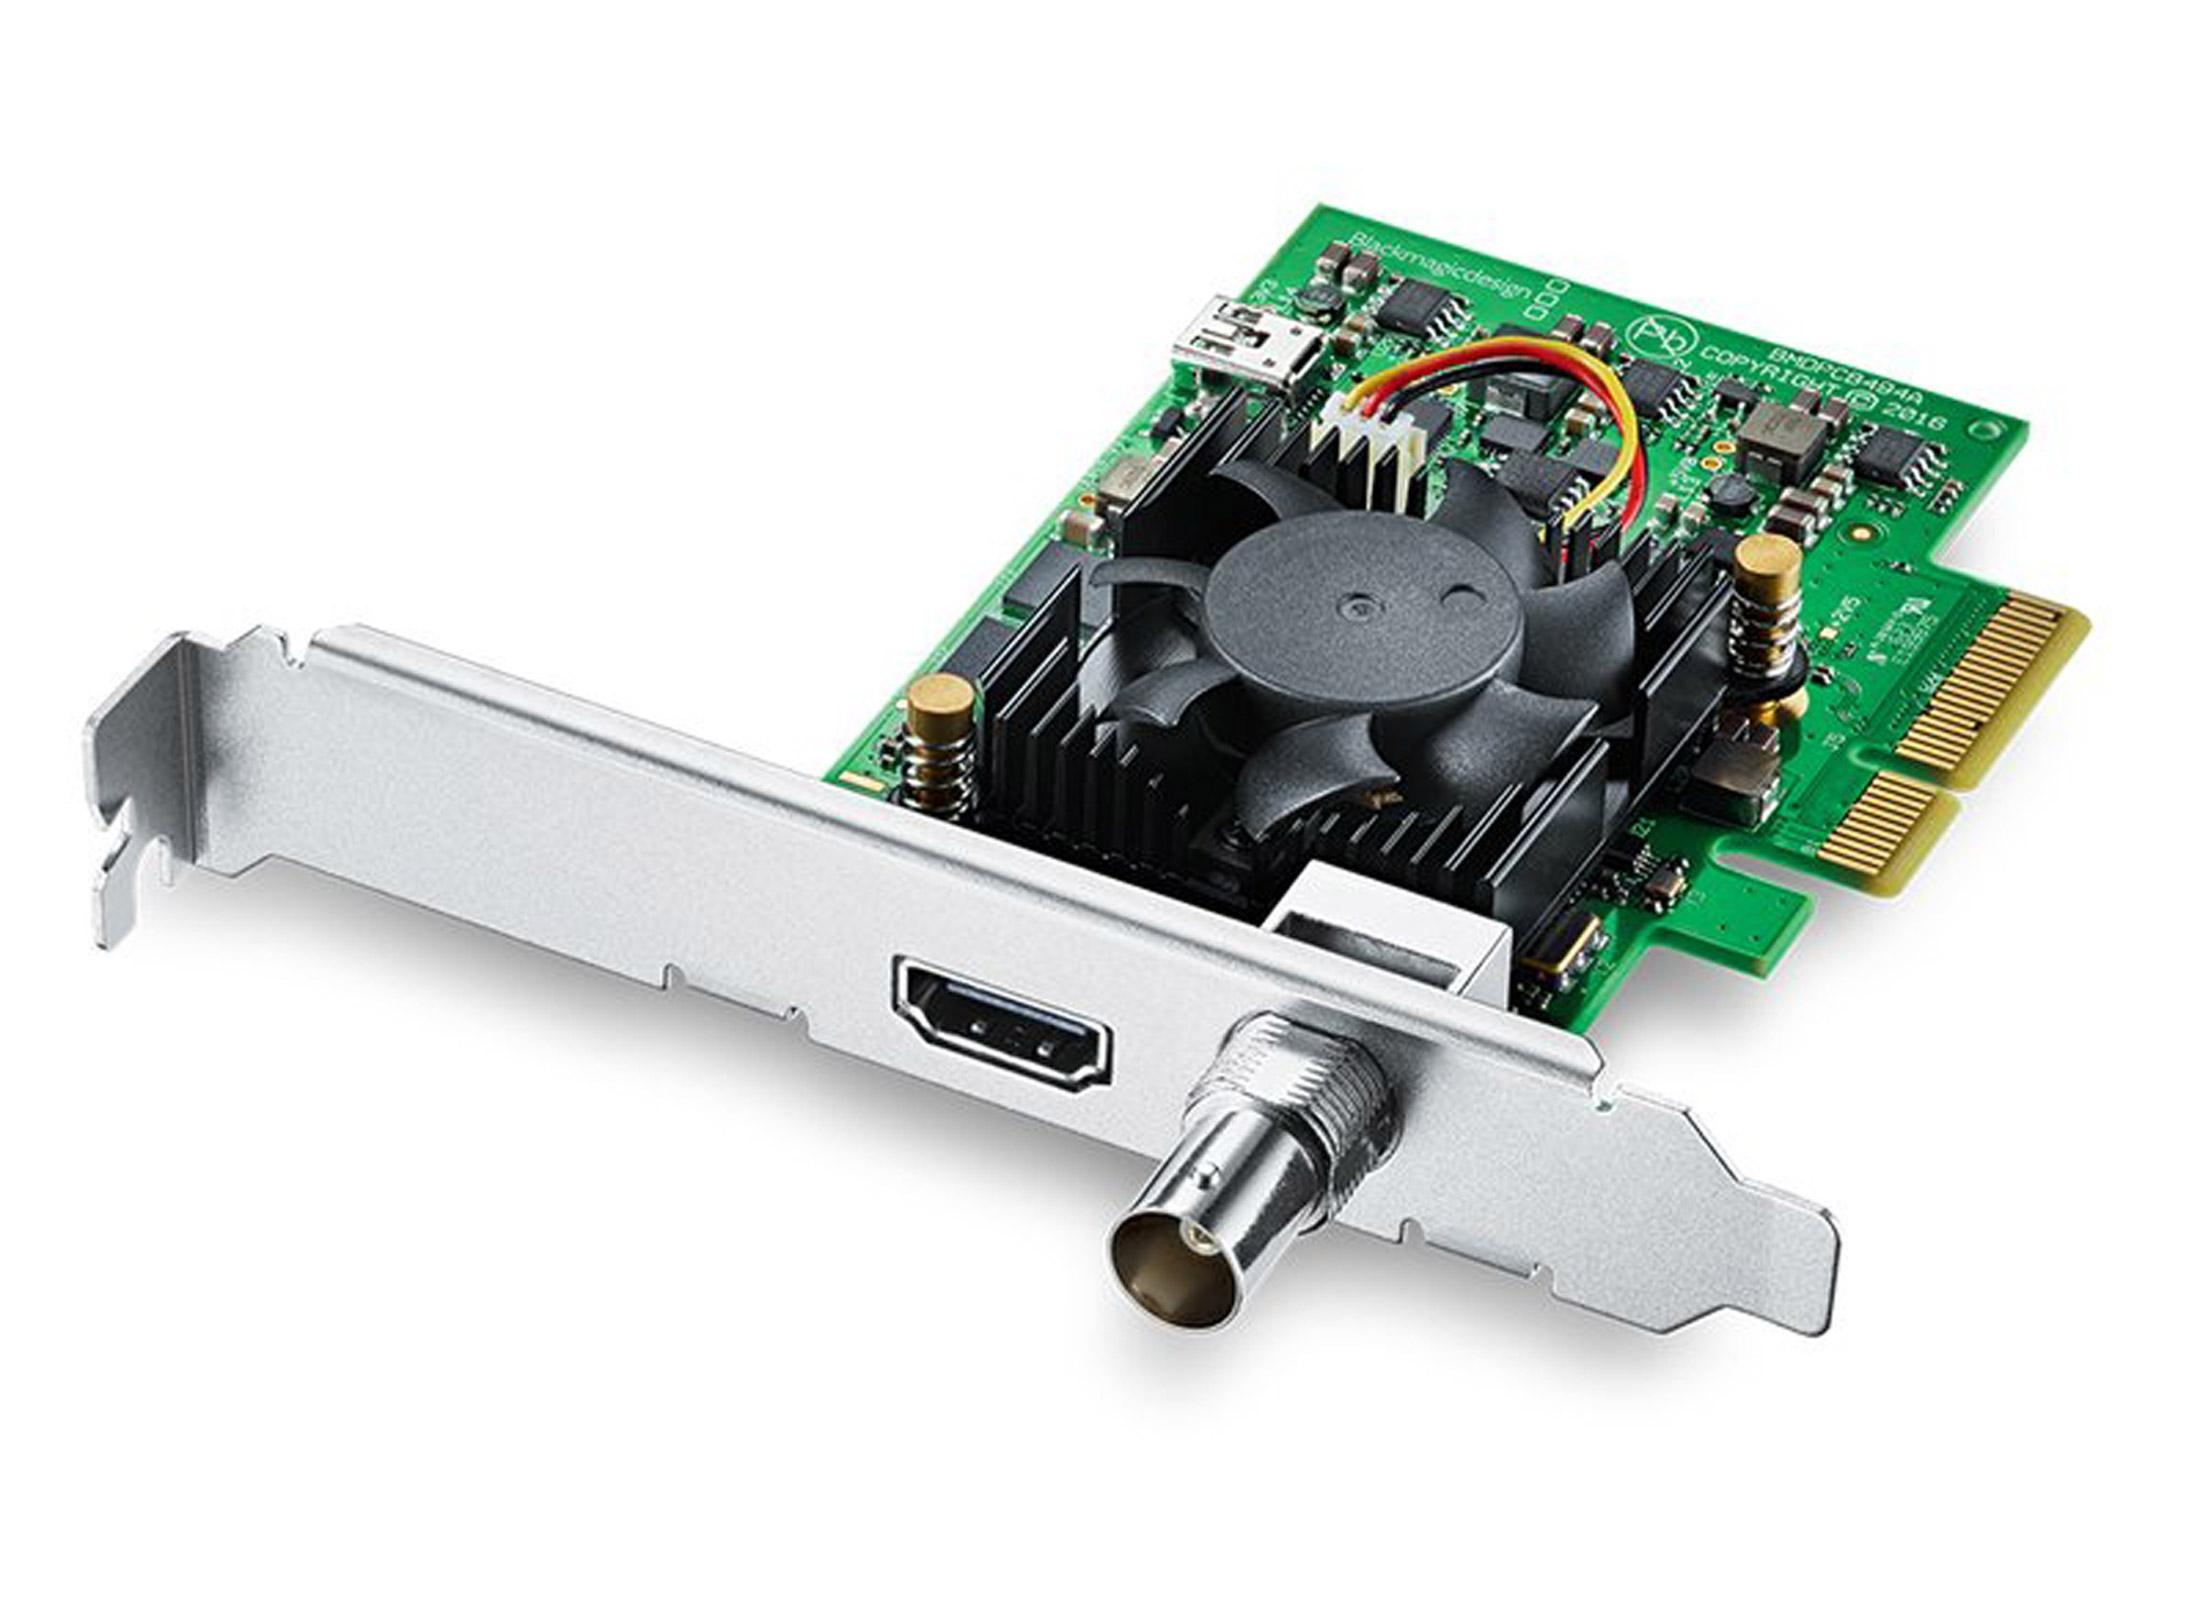 Blackmagic Design DeckLink Mini Monitor 4K, PC Installation 6G-SDI / HDMI  for SD / HD / 4K